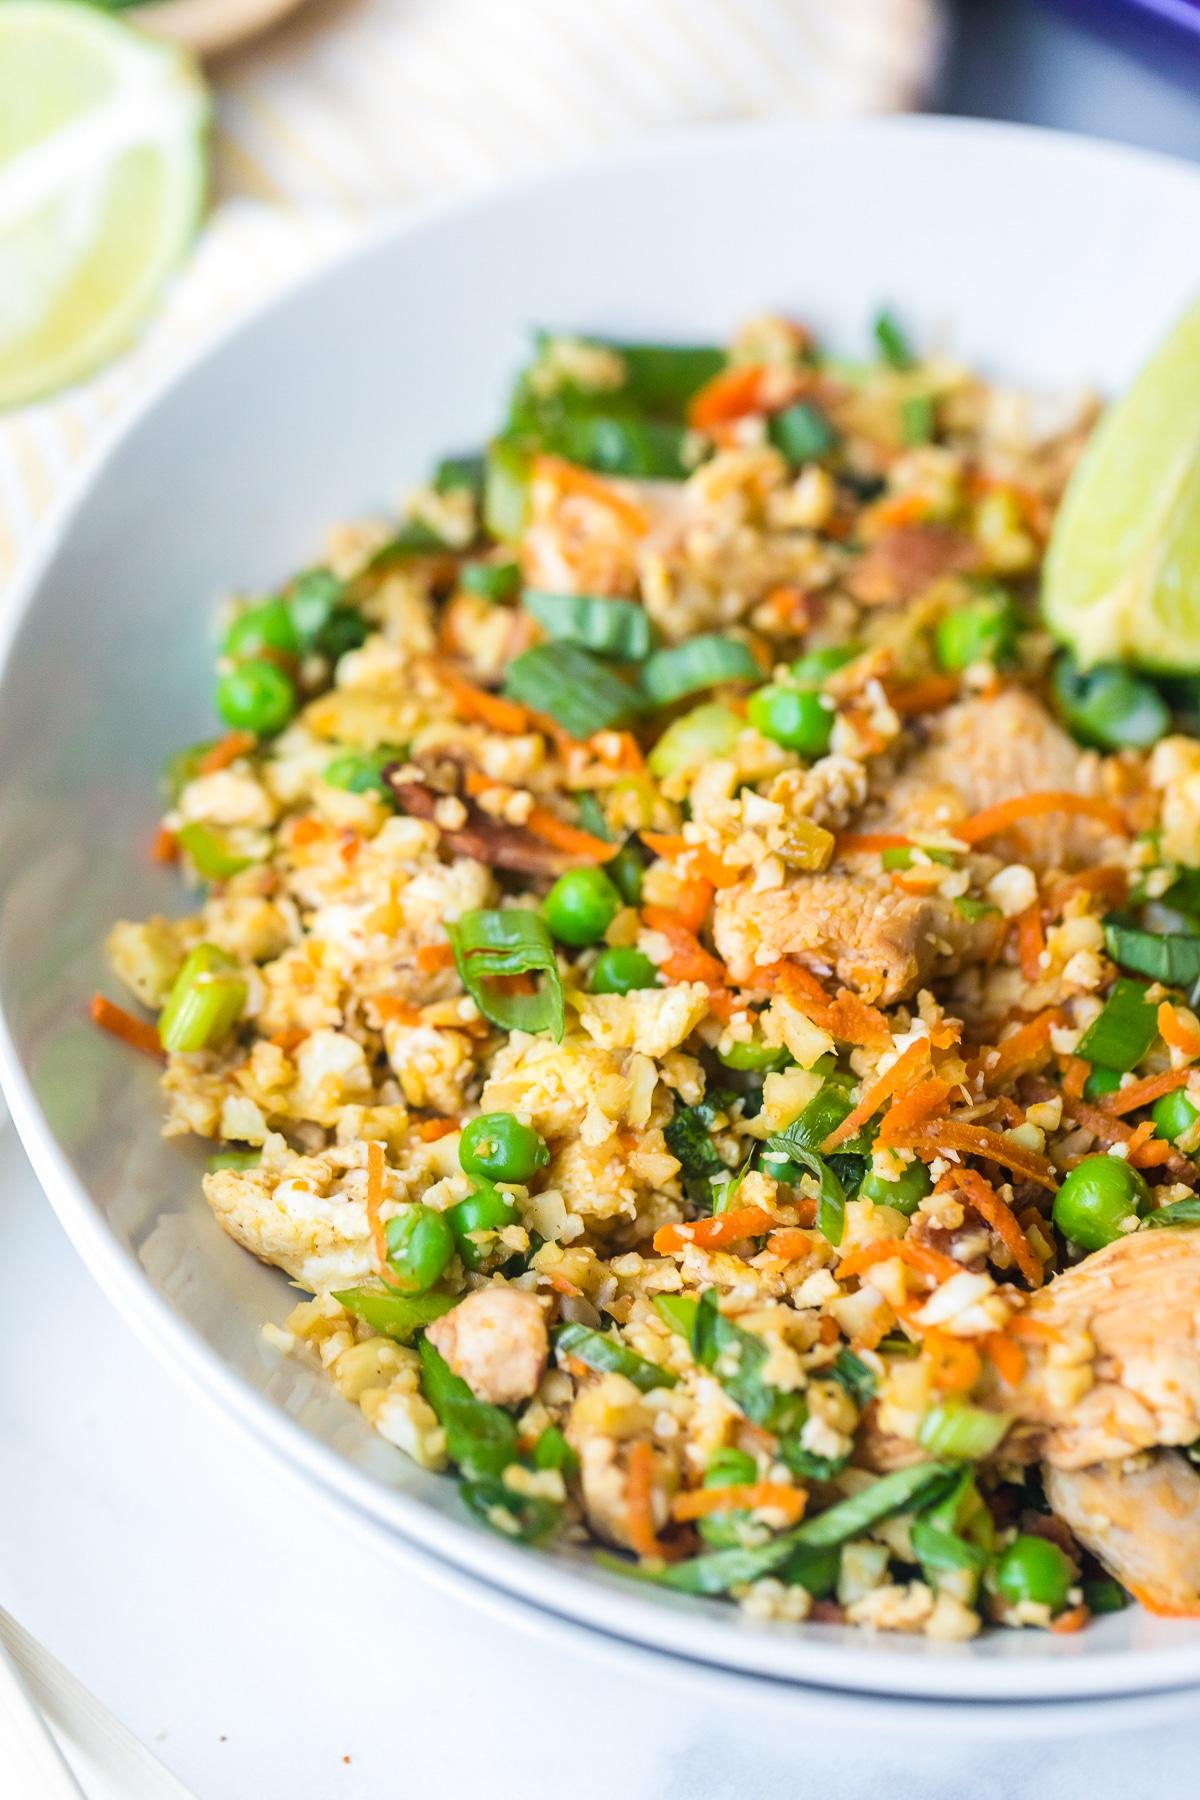 Cauliflower Chicken Fried Rice Recipe #ASpicyPerspective #cauliflower #chicken #paleo #keto #lowcarb